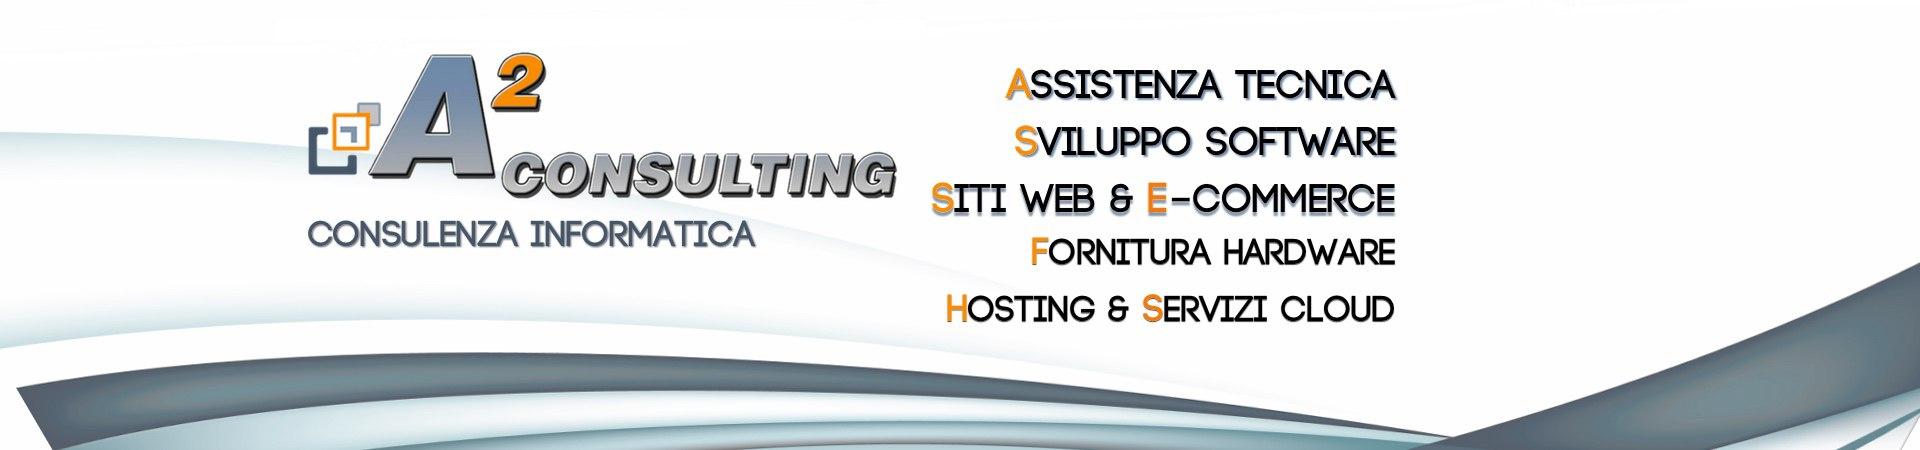 A2 Consulting Consulenza Informatica